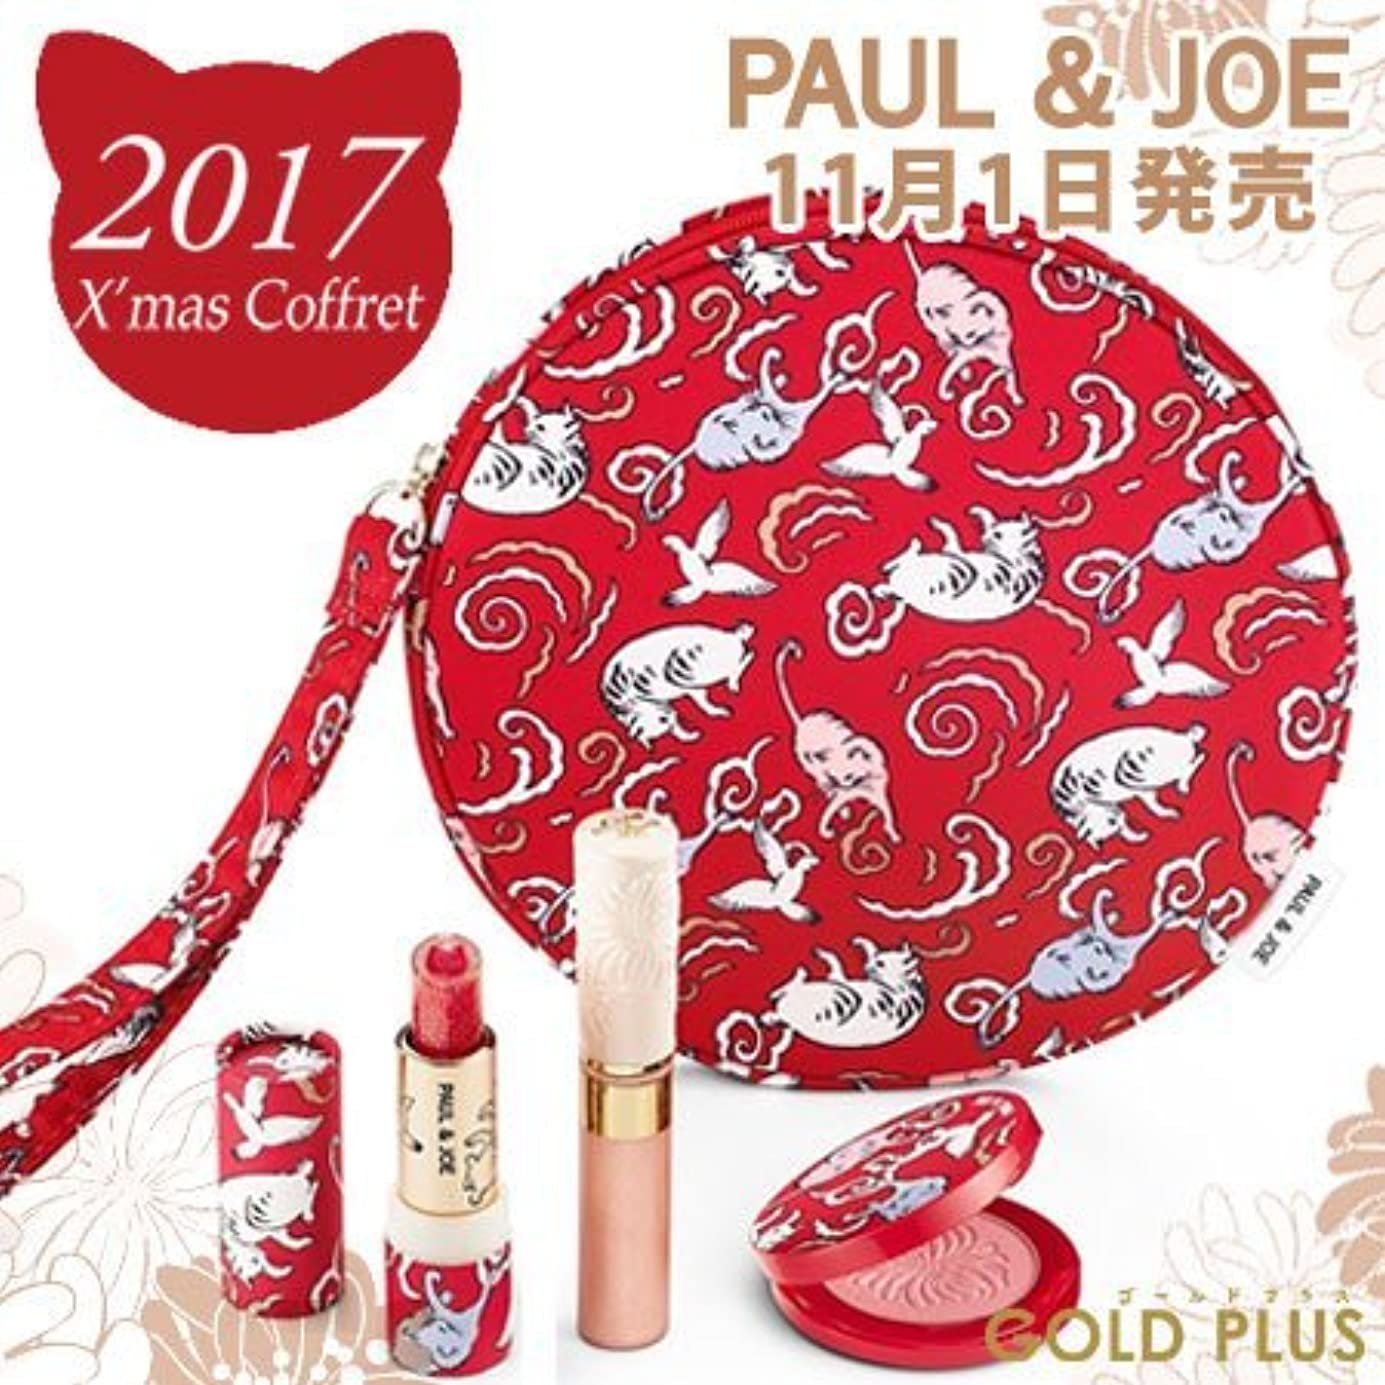 調子絡まる潜水艦ポール&ジョー メイクアップ コレクション 2017 【 2017 クリスマス コフレ 】限定品 -PAUL&JOE-